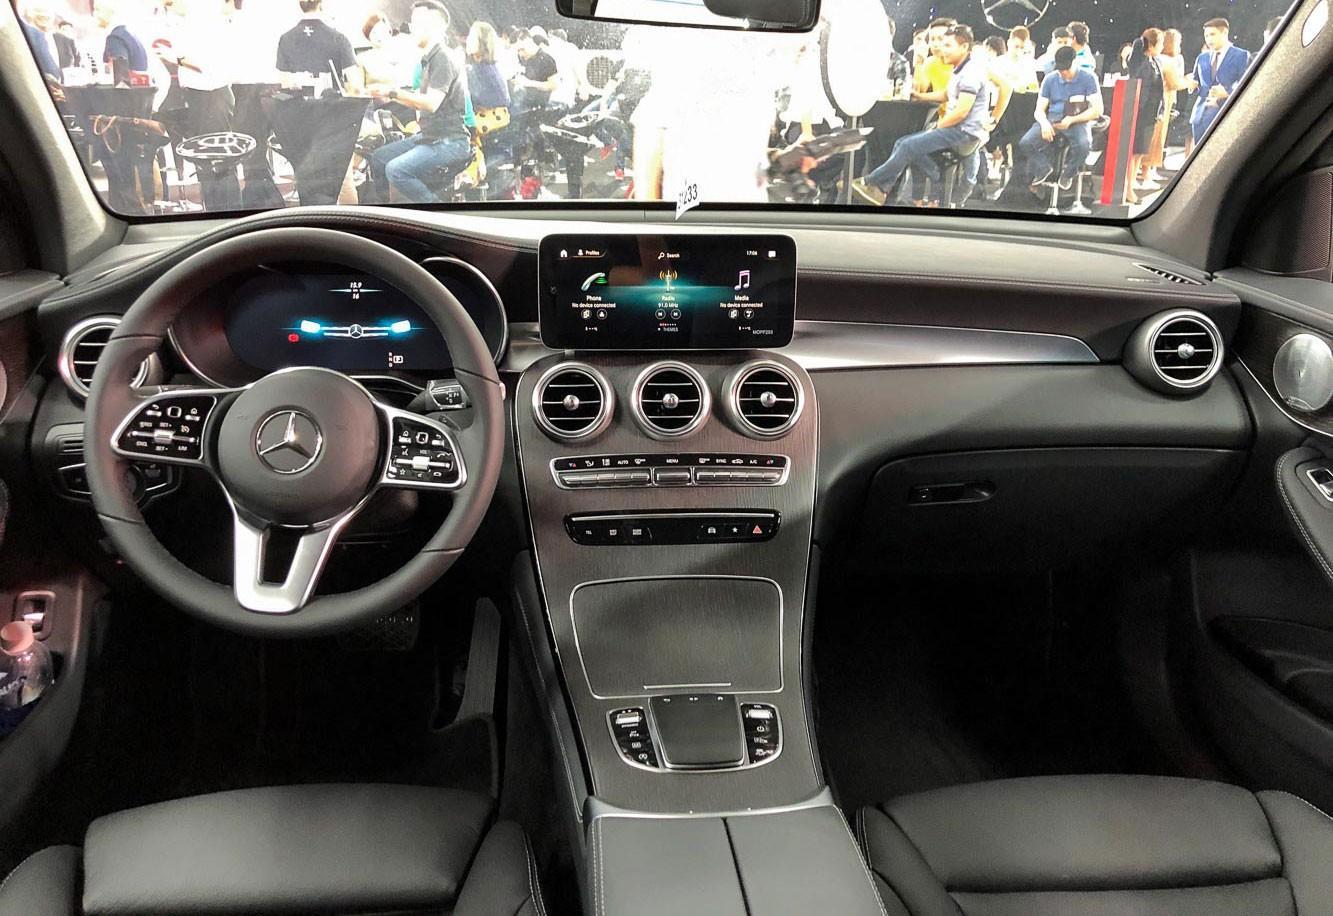 Xế Mercedes hơn 2 tỷ của Quang Hải có gì thu hút? Ảnh 2